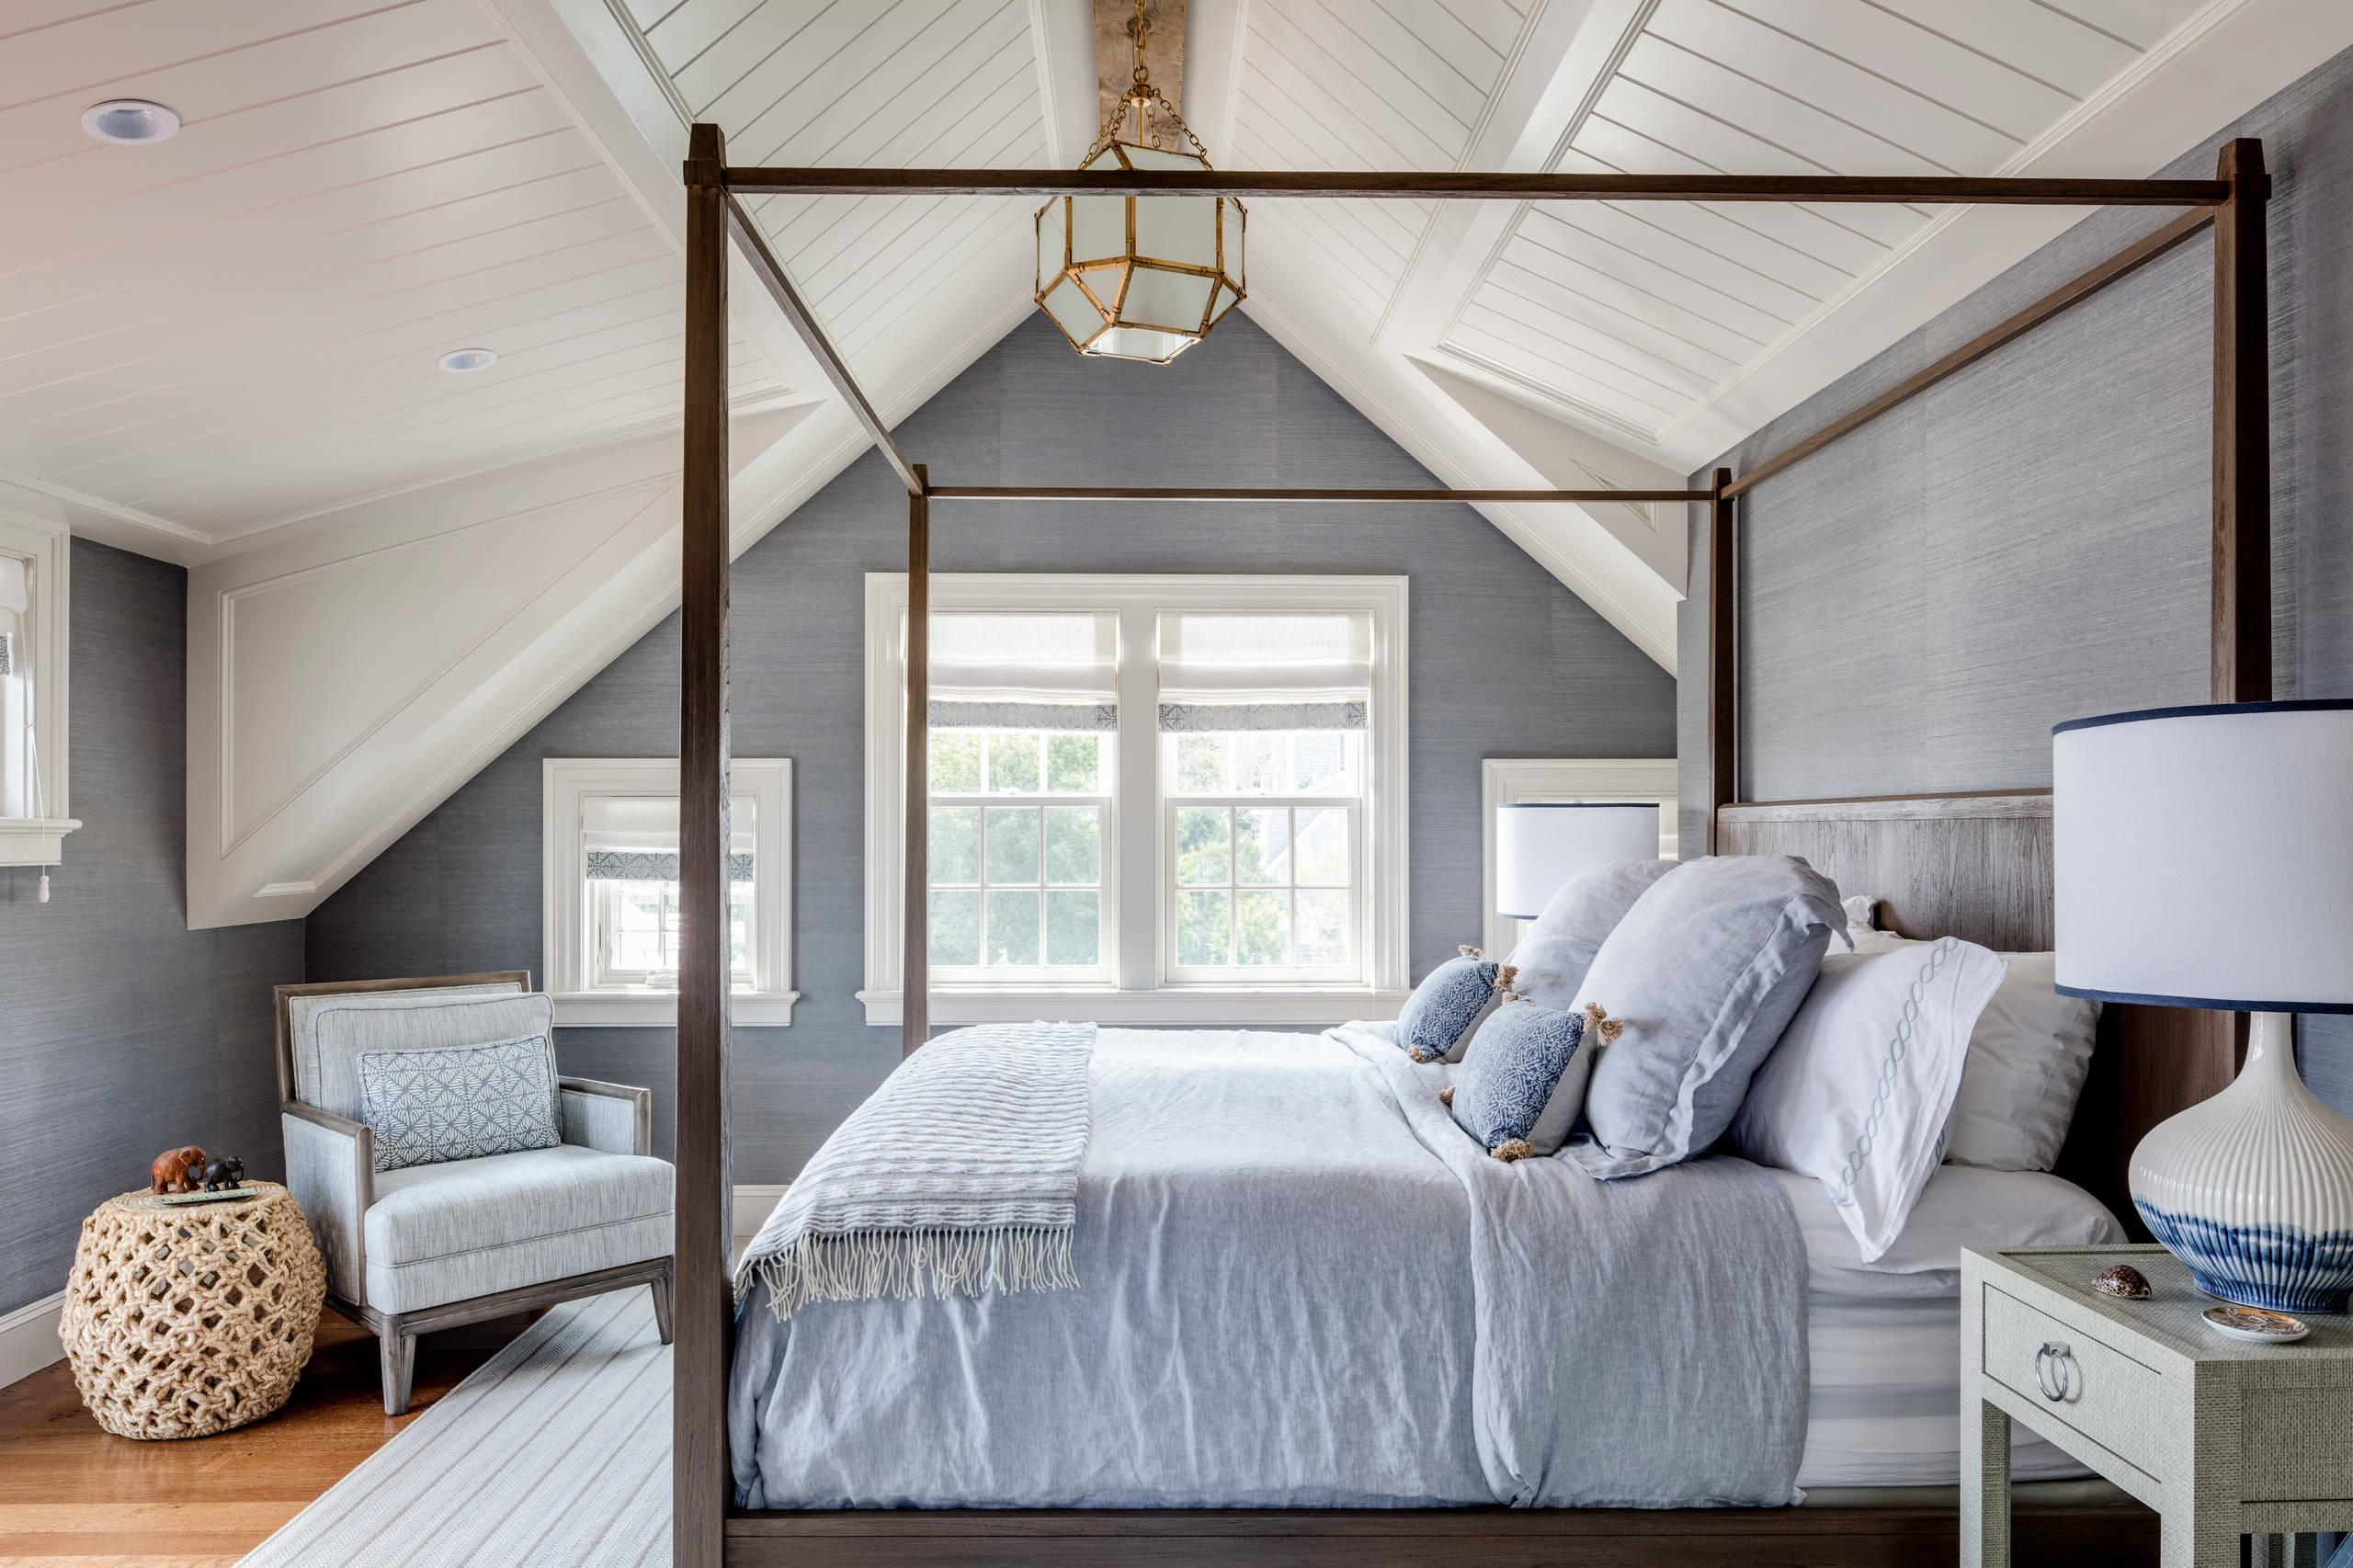 Fenstergestaltung Schlafzimmer – Caseconrad.com